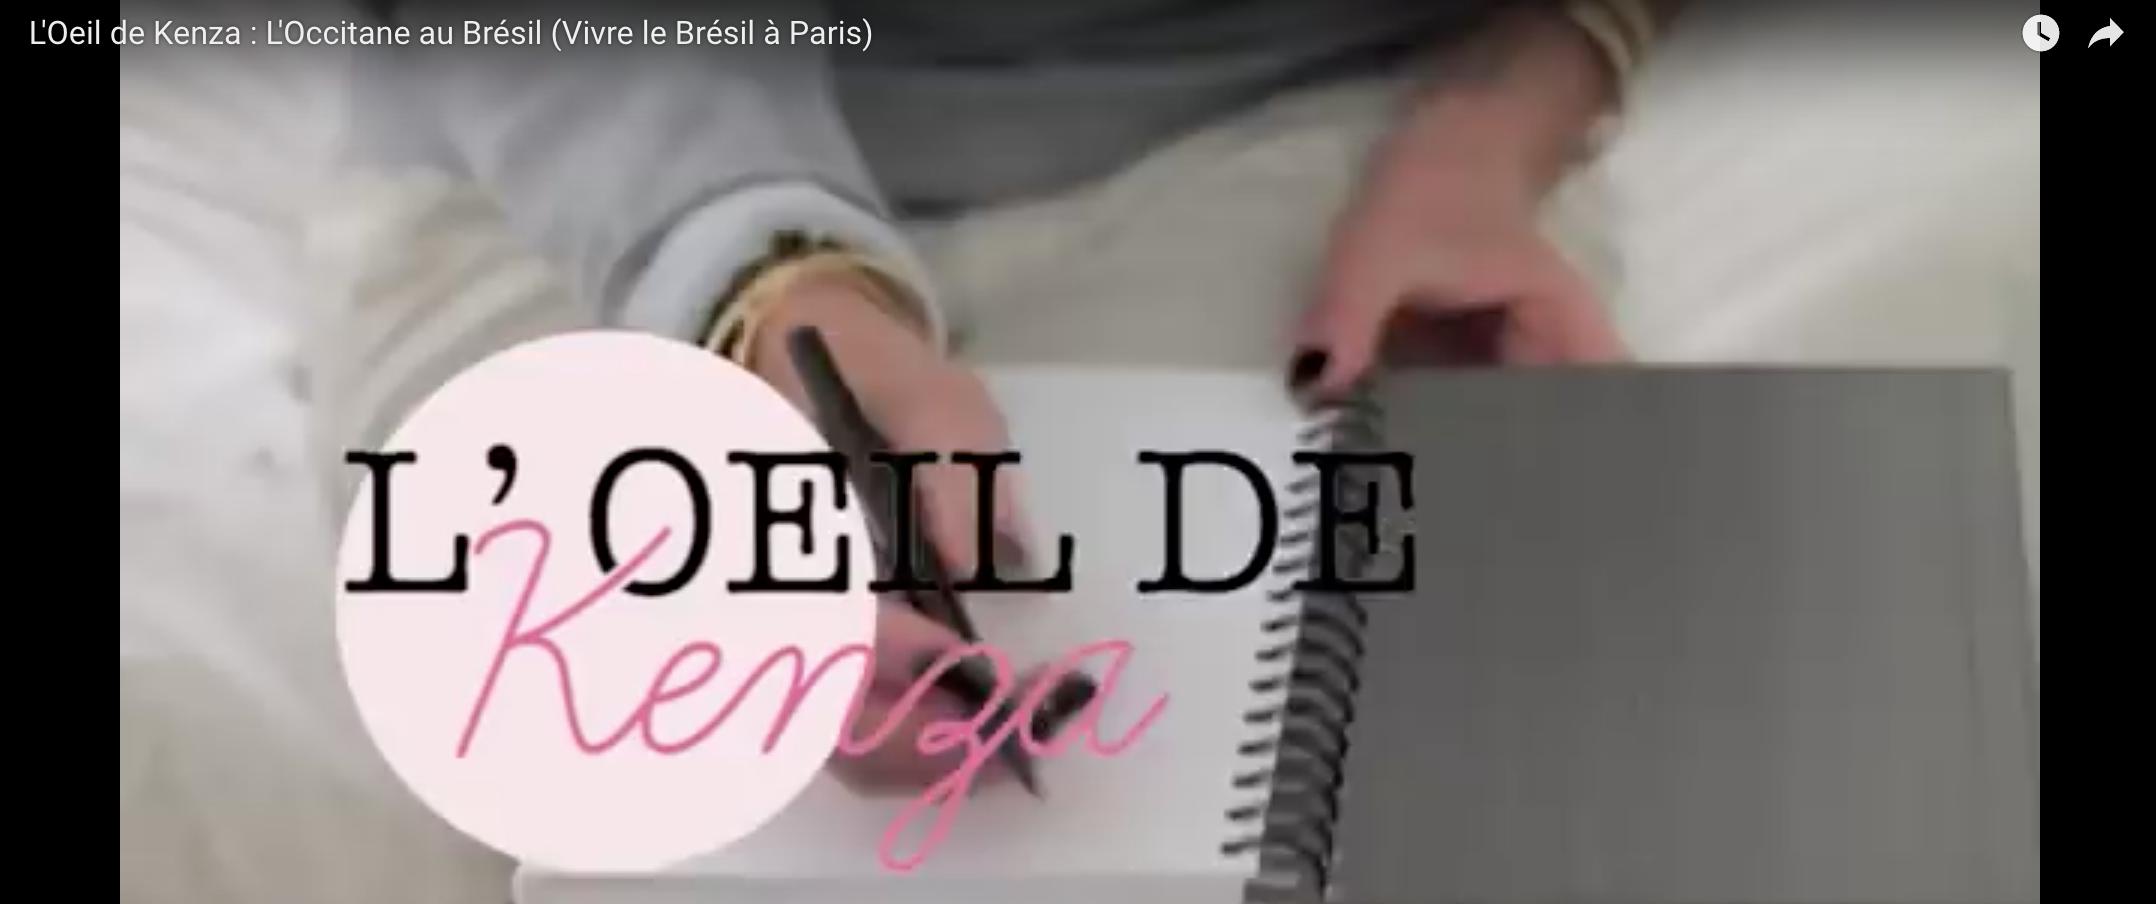 L'Oeil de Kenza : L'Occitane au Brésil (Vivre le Brésil à Paris)